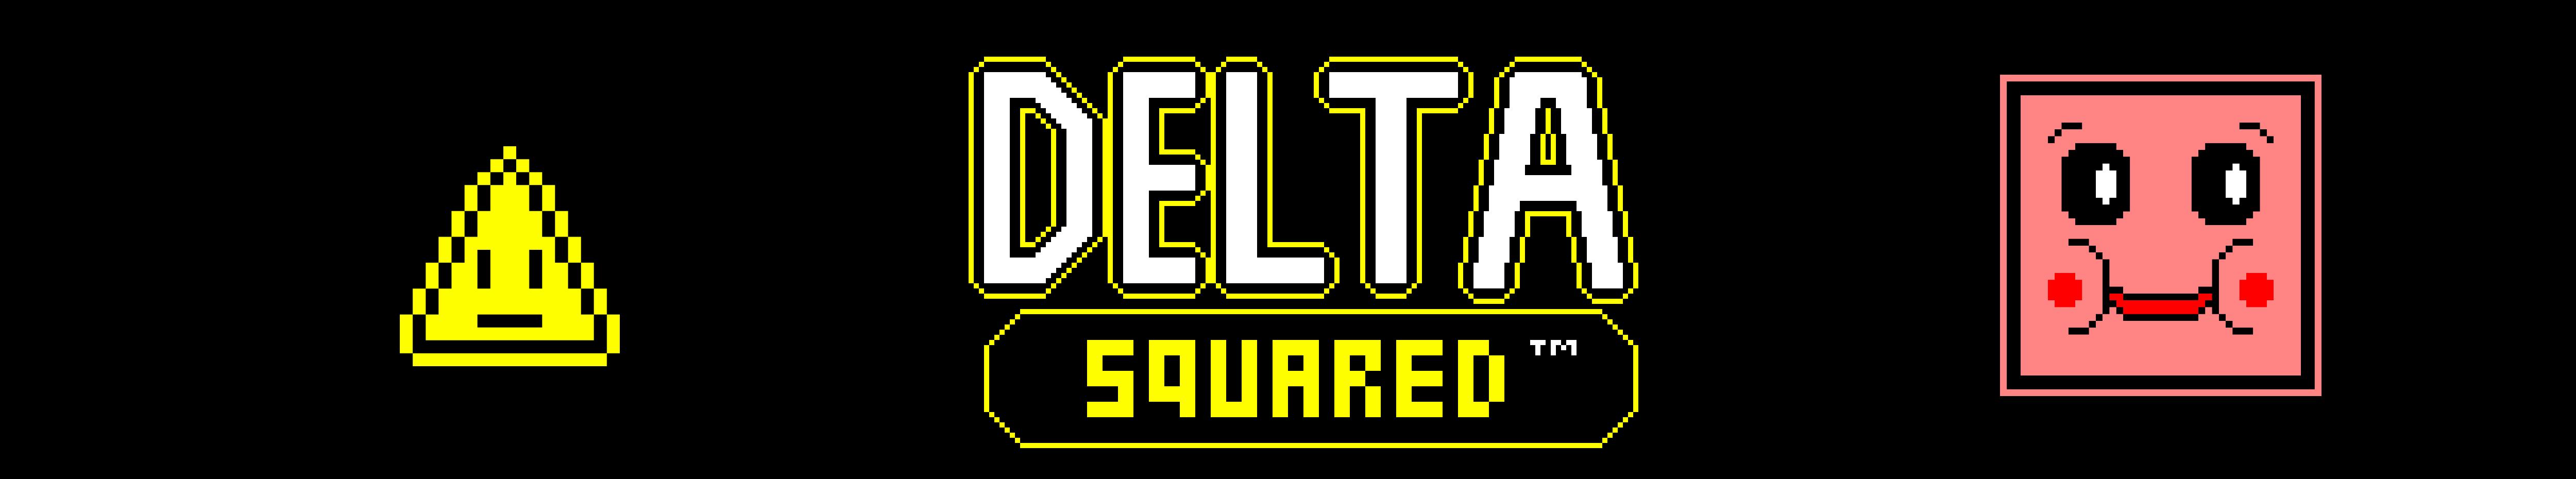 Delta Squared